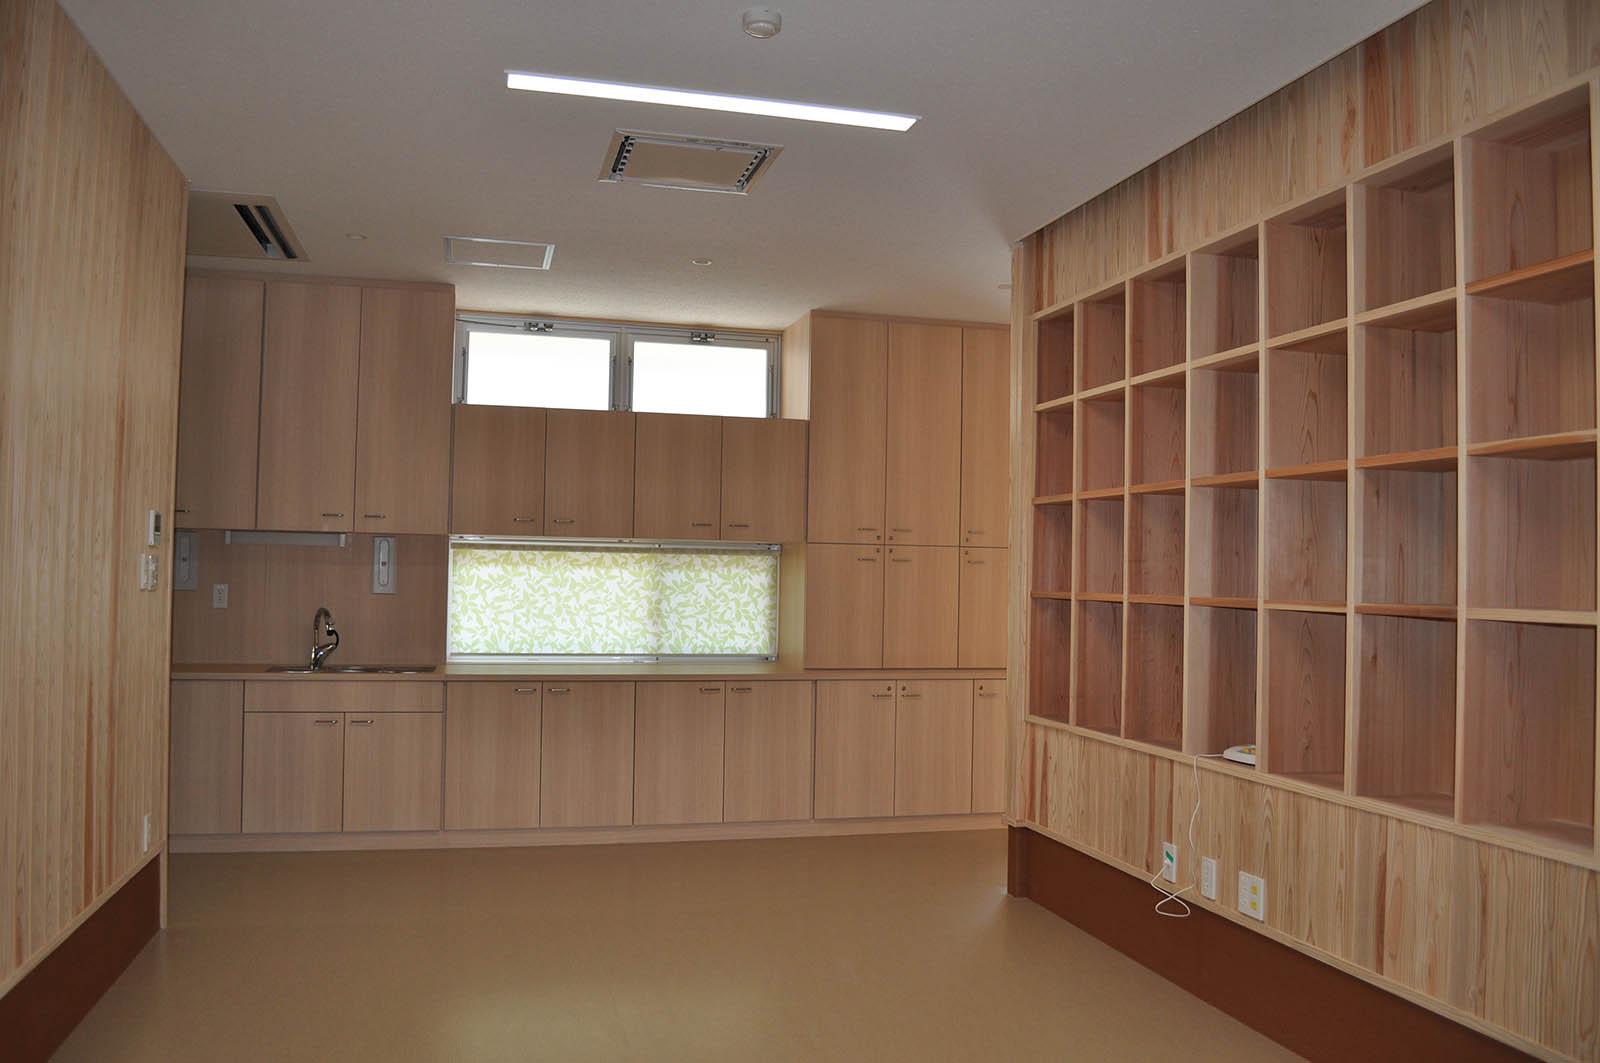 法人、事業用物件の新築 細田建設